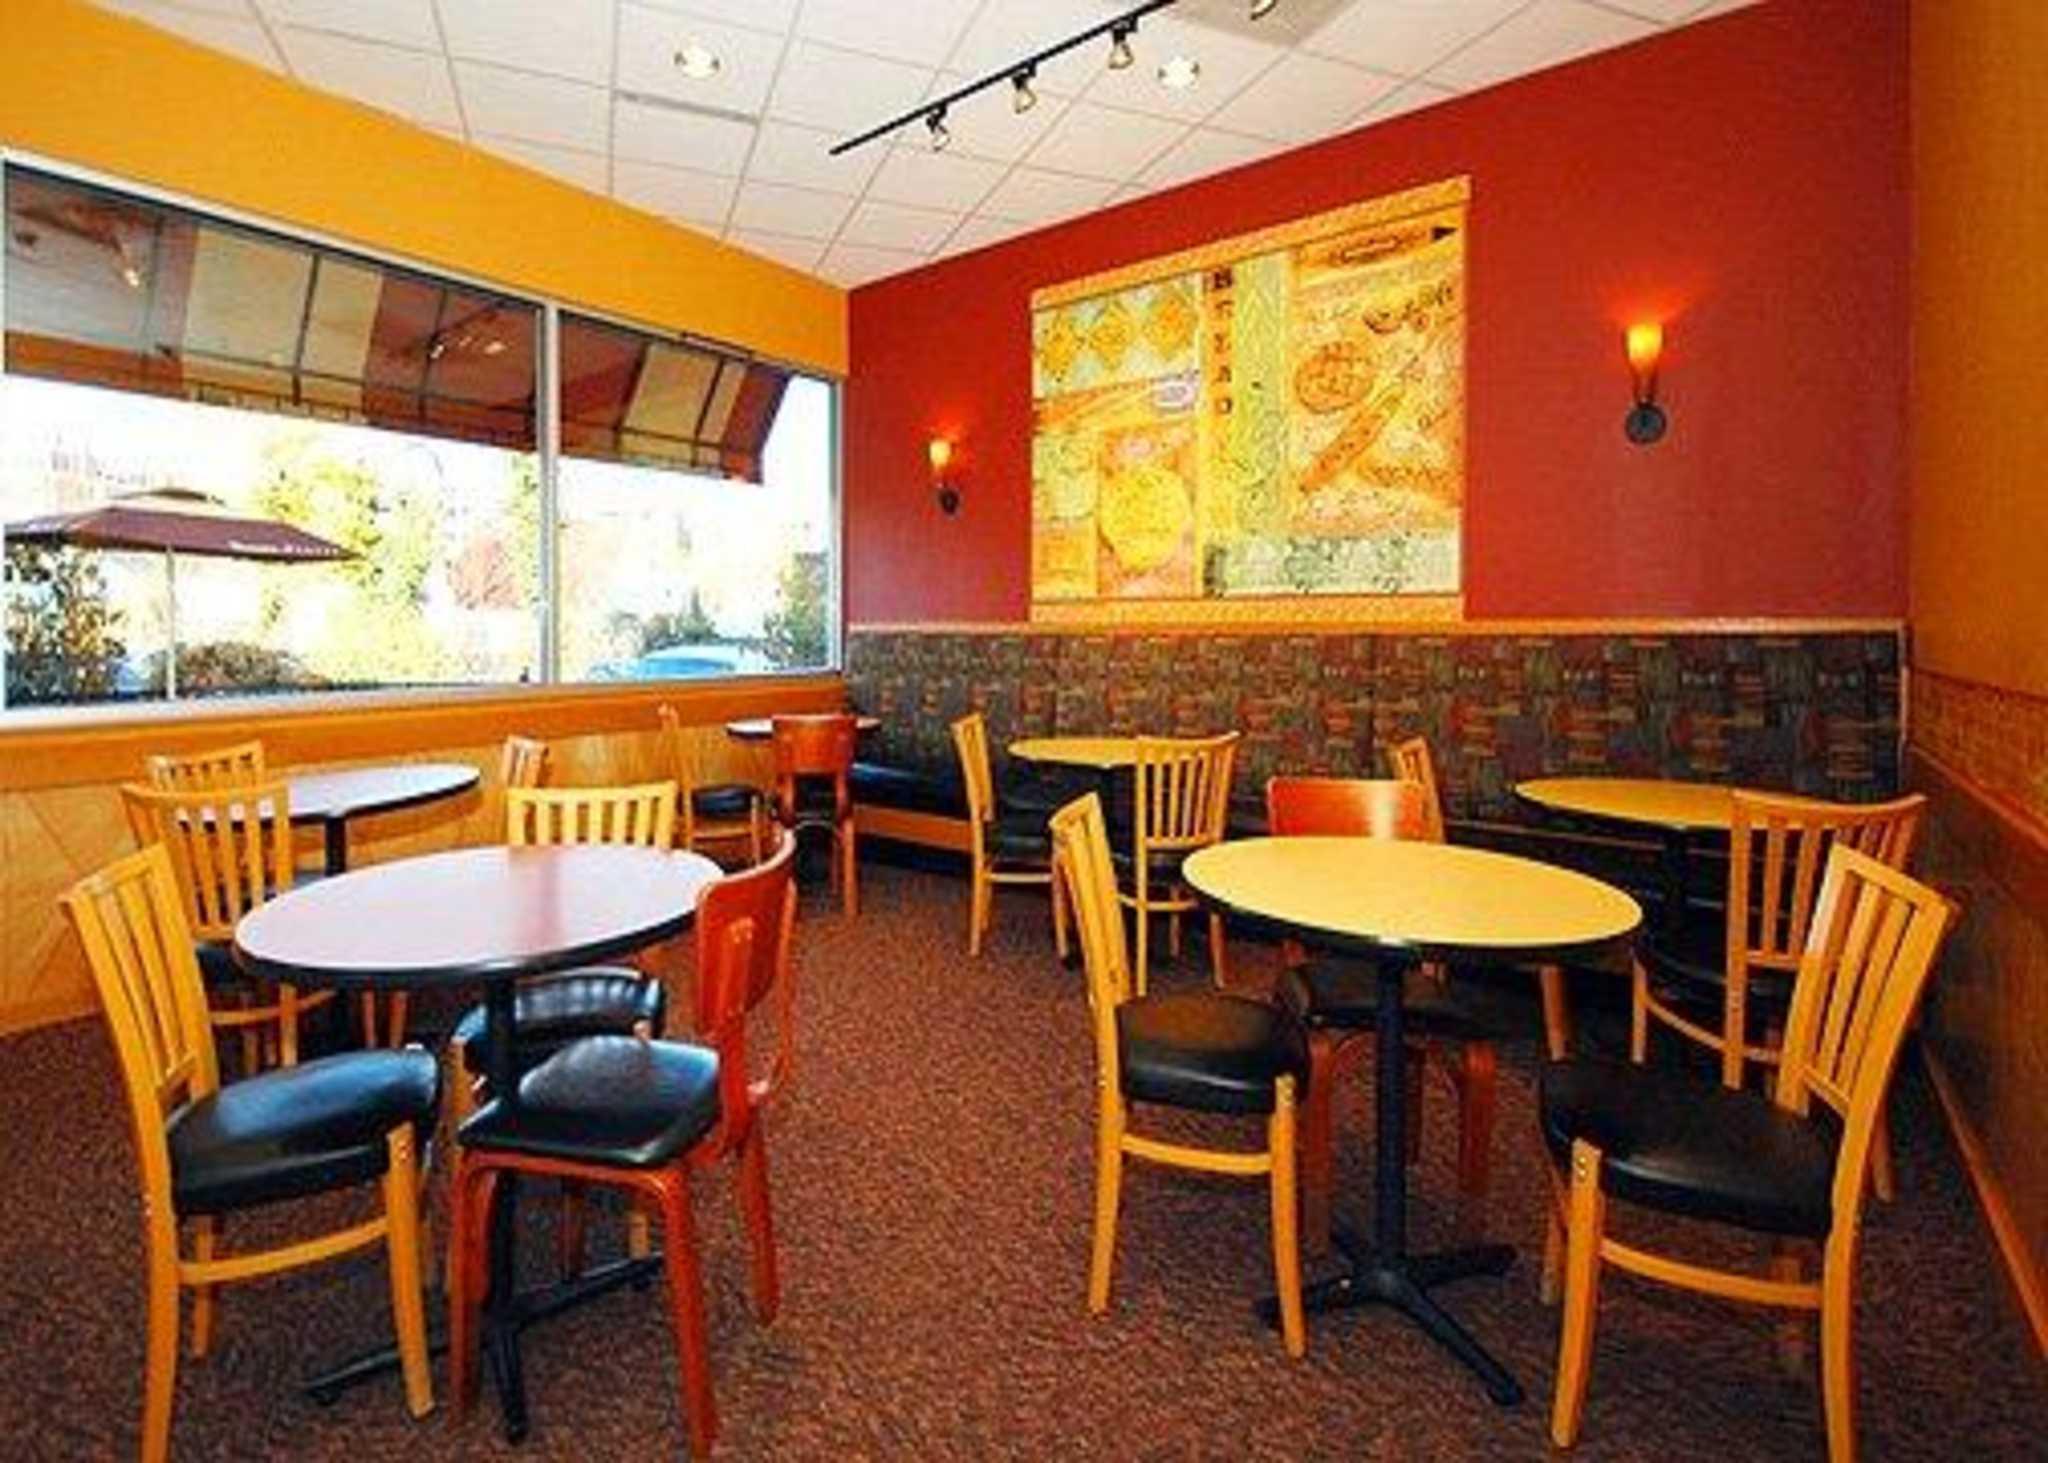 Quality Inn University Center image 28